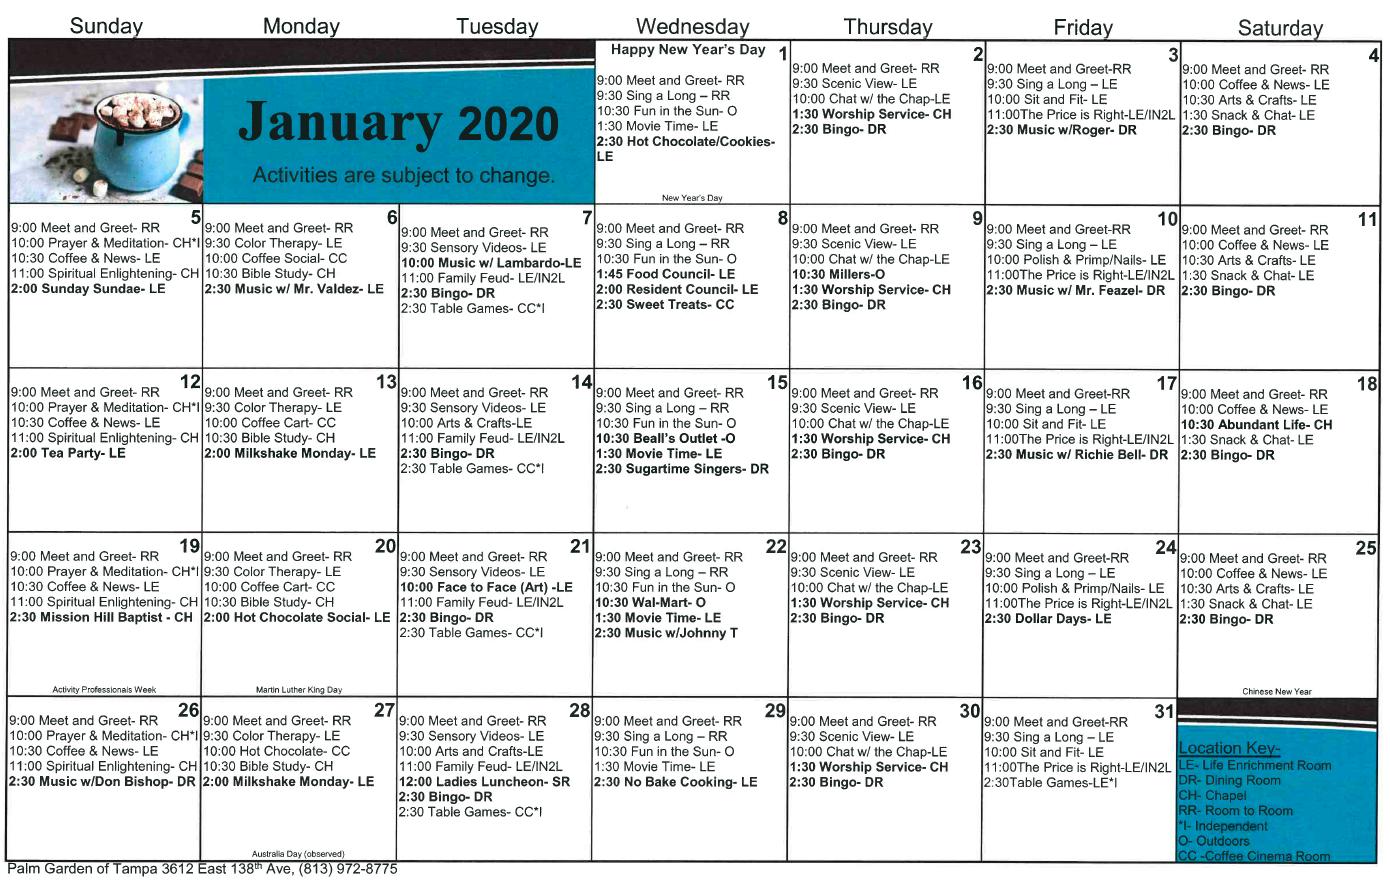 Tampa January calendar